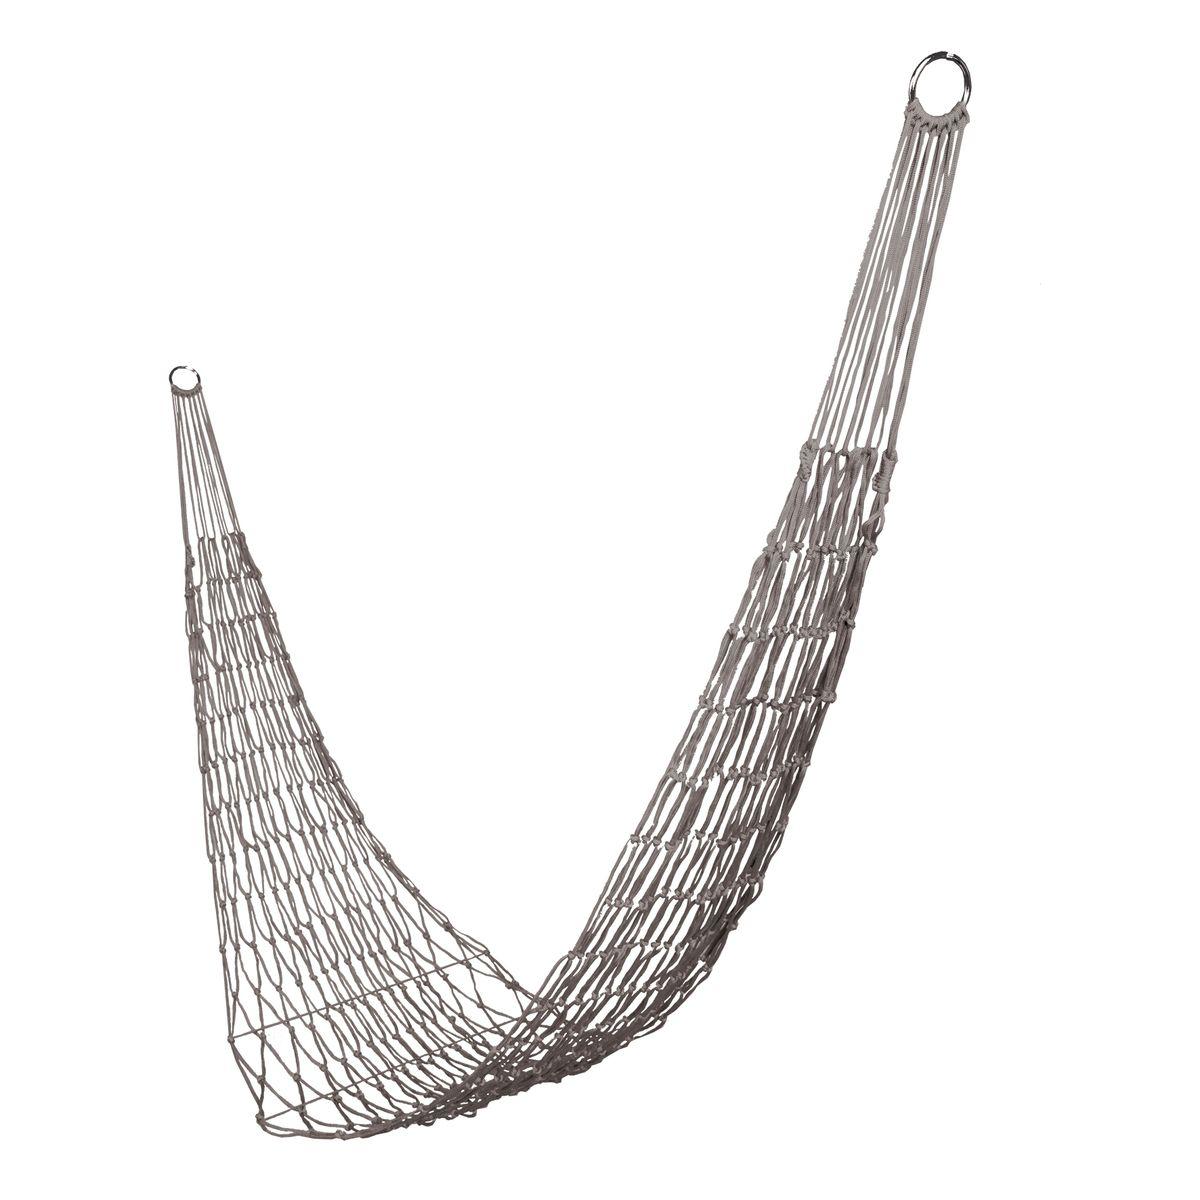 Гамак-сетка Boyscout Походный, цвет: серый, 200 х 80 см61074Легкий, прочный и компактный гамак Boyscout Походный выполнен из высококачественного нейлона в виде сетки. Гамак предназначен для комфортного отдыха на даче, пикнике или походе. Крепится изделие к двум опорам (деревьям или стойкам). Использование гамака в домашних условиях предполагает крепление на завинчивающие винты. Такой гамак внесет дополнительный комфорт в ваш отдых.